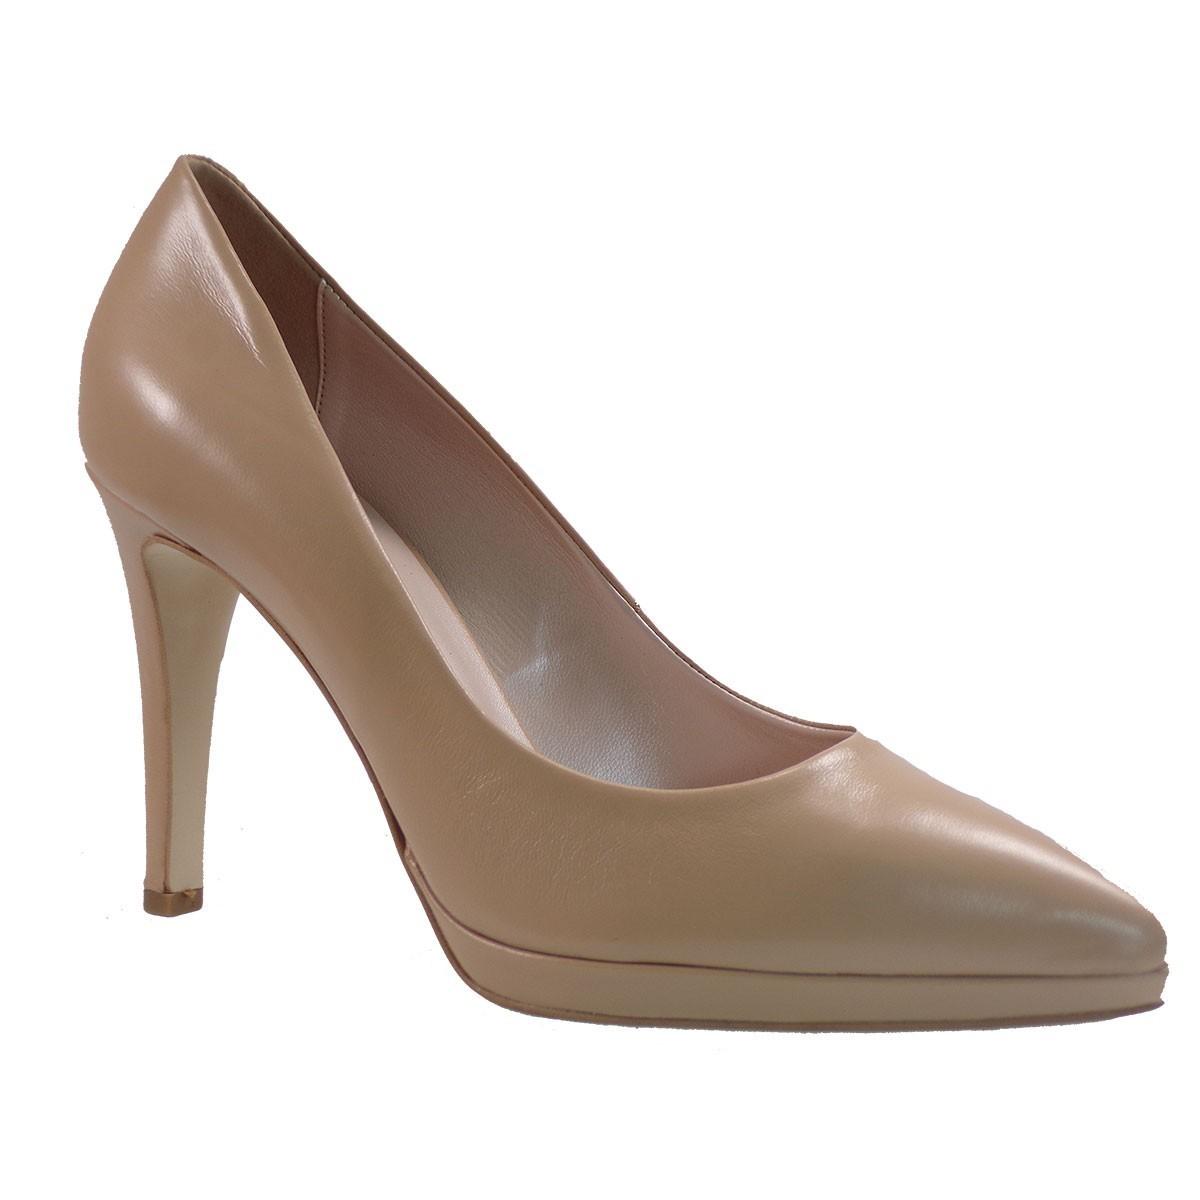 Fardoulis Shoes Γυναικεία Παπούτσια Γόβες 2501 Μπέζ Δέρμα